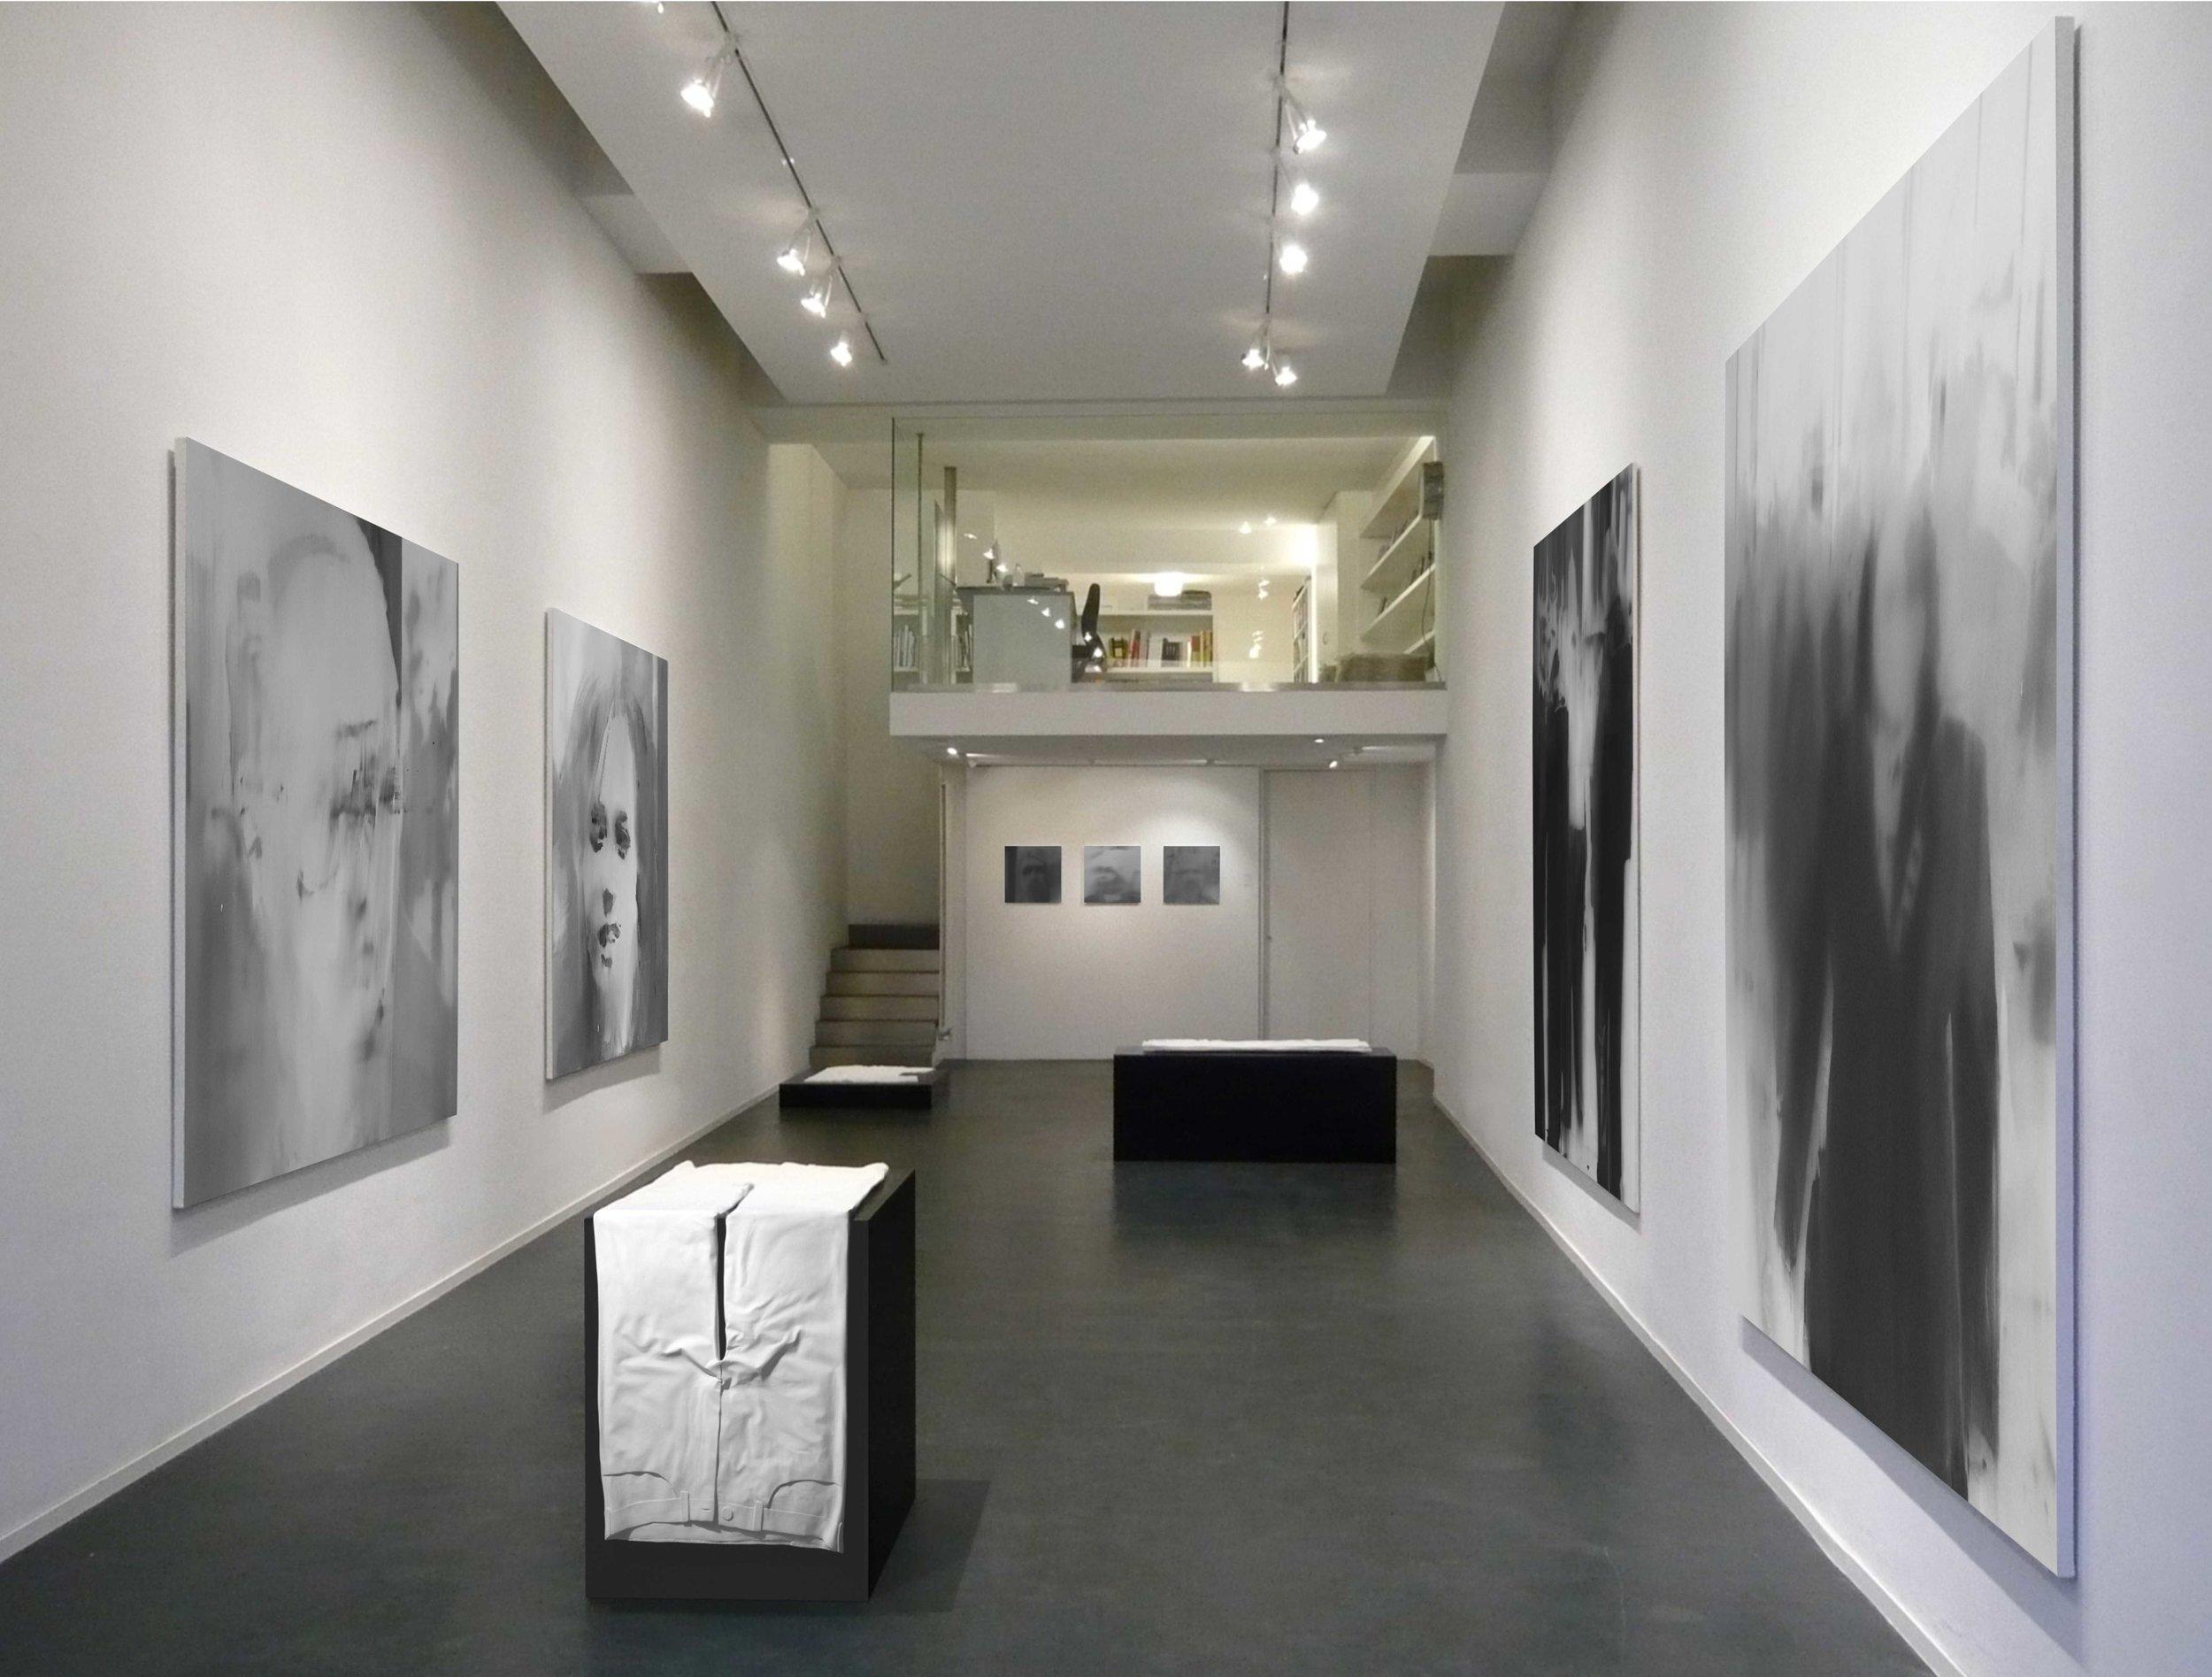 2008  Galerie Goethe 2, Bozen